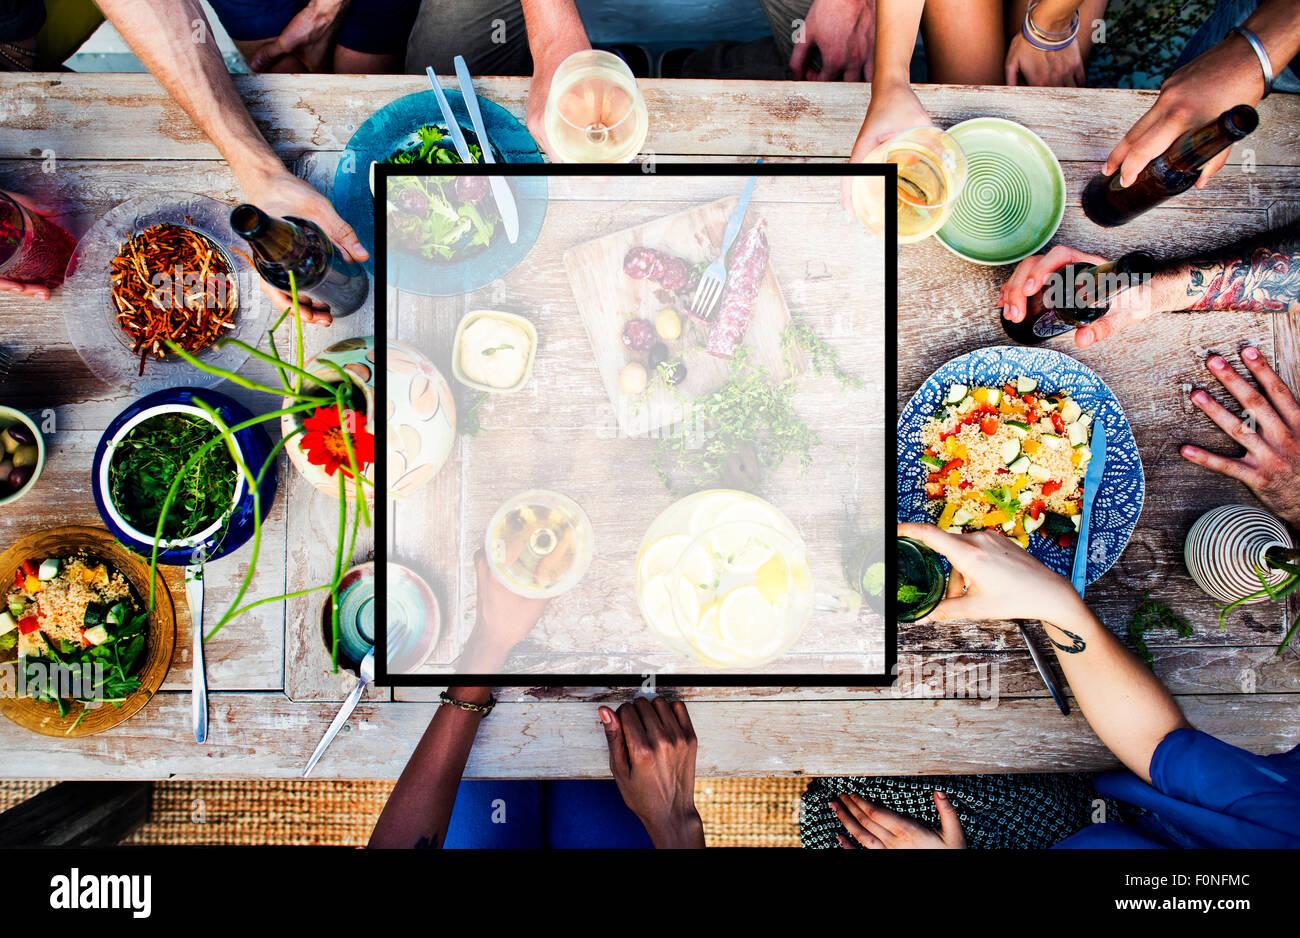 Sommer miteinander Freundschaft Square Kopie Raumkonzept Stockbild